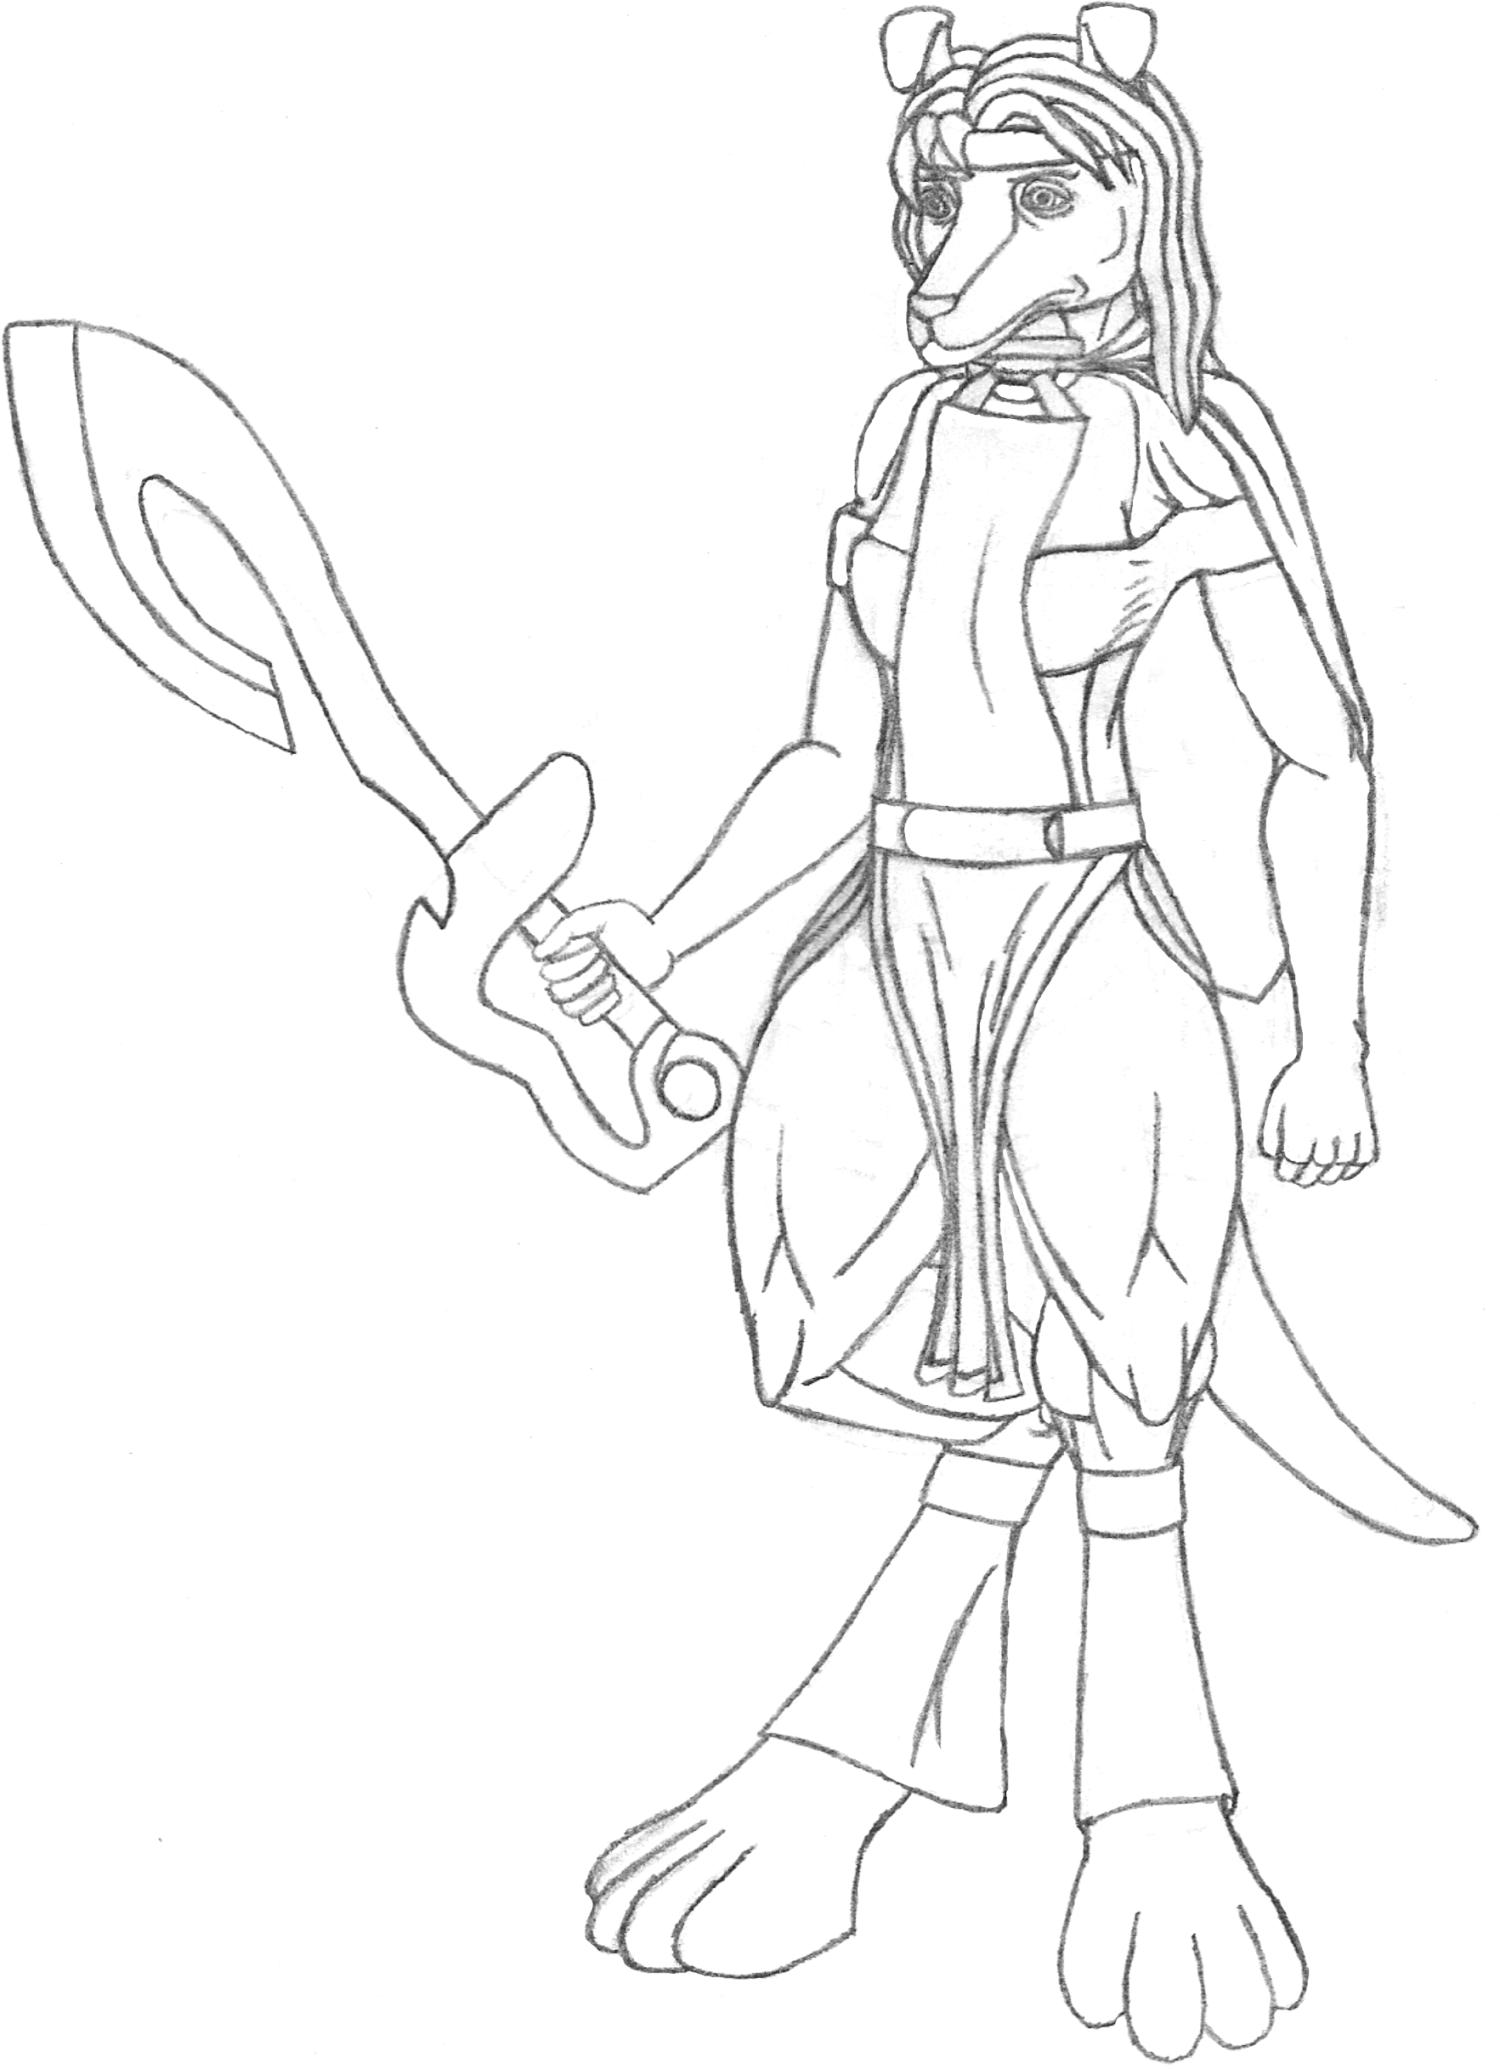 Poruqe-Female-1.png